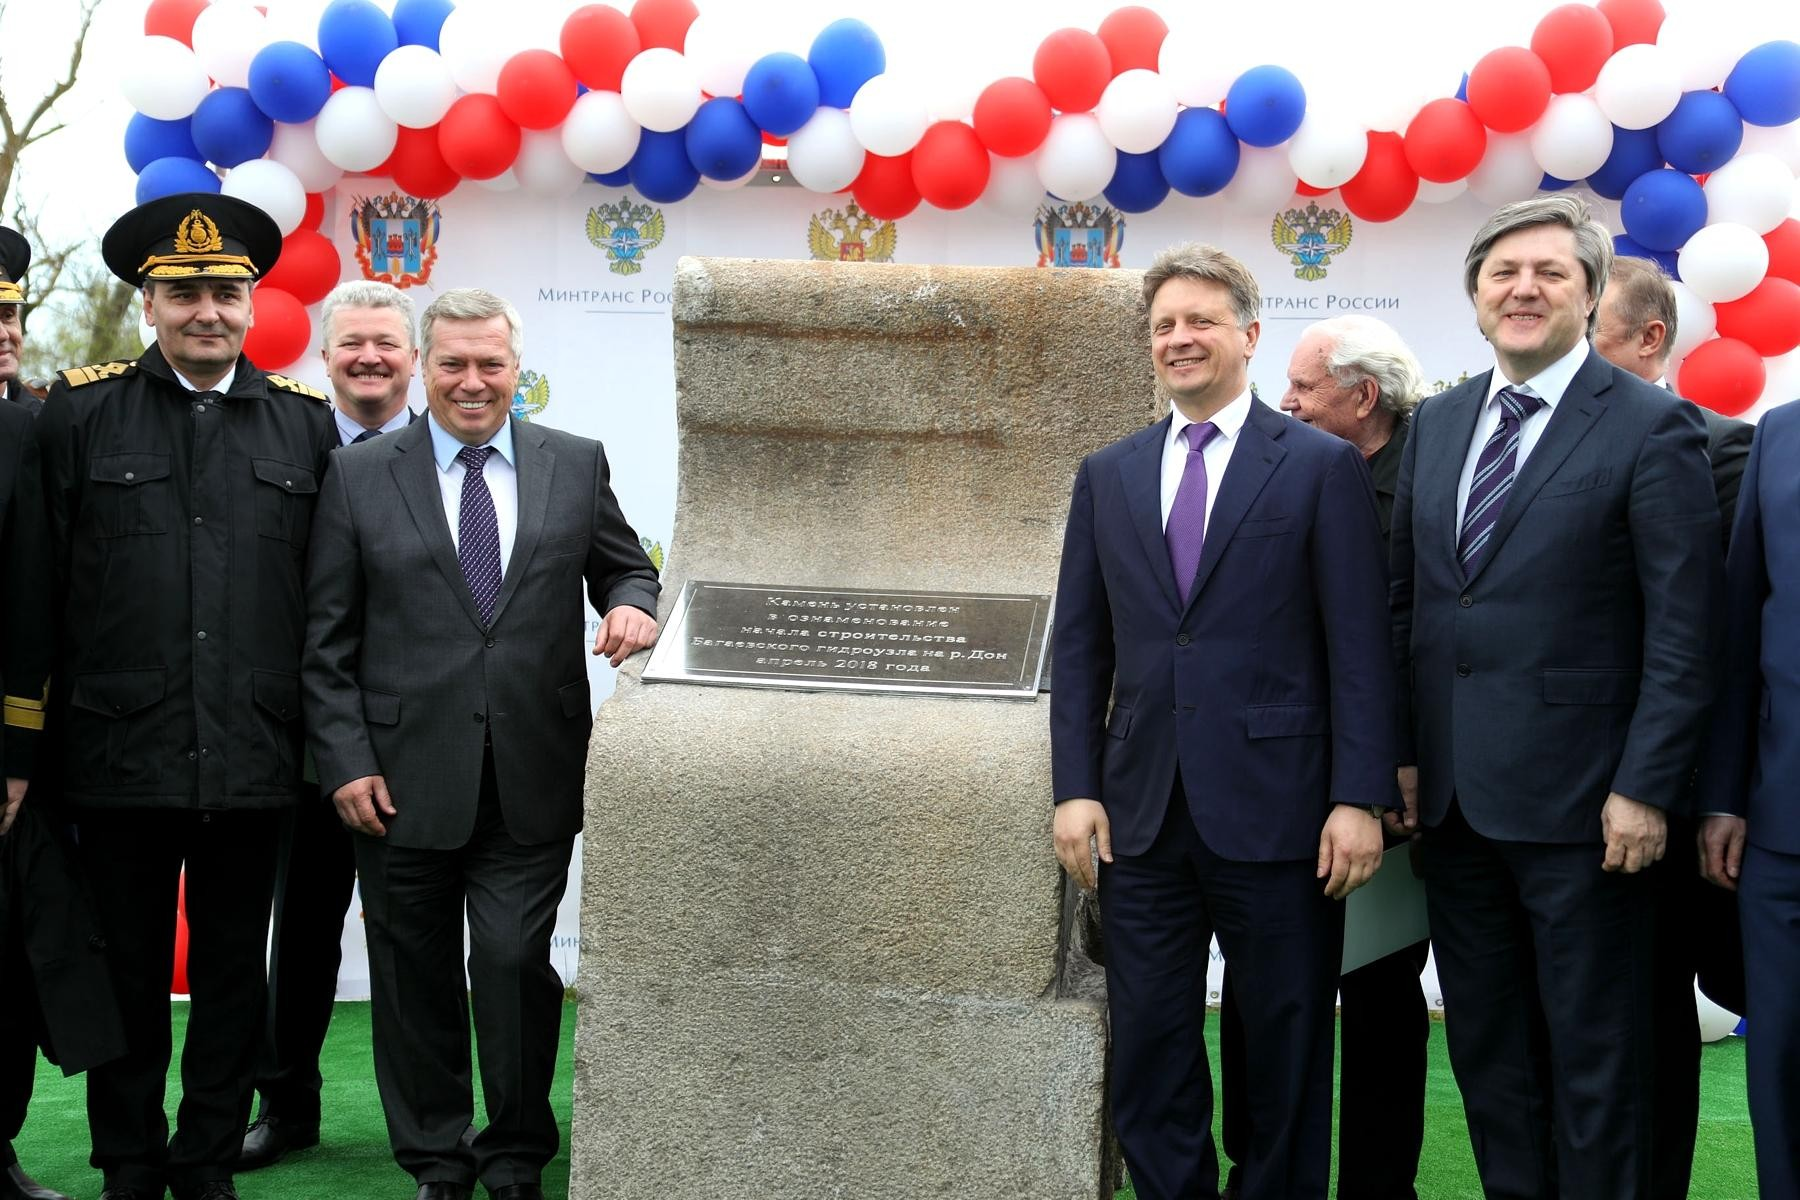 ВРостовской области дан старт строительству Багаевского гидроузла